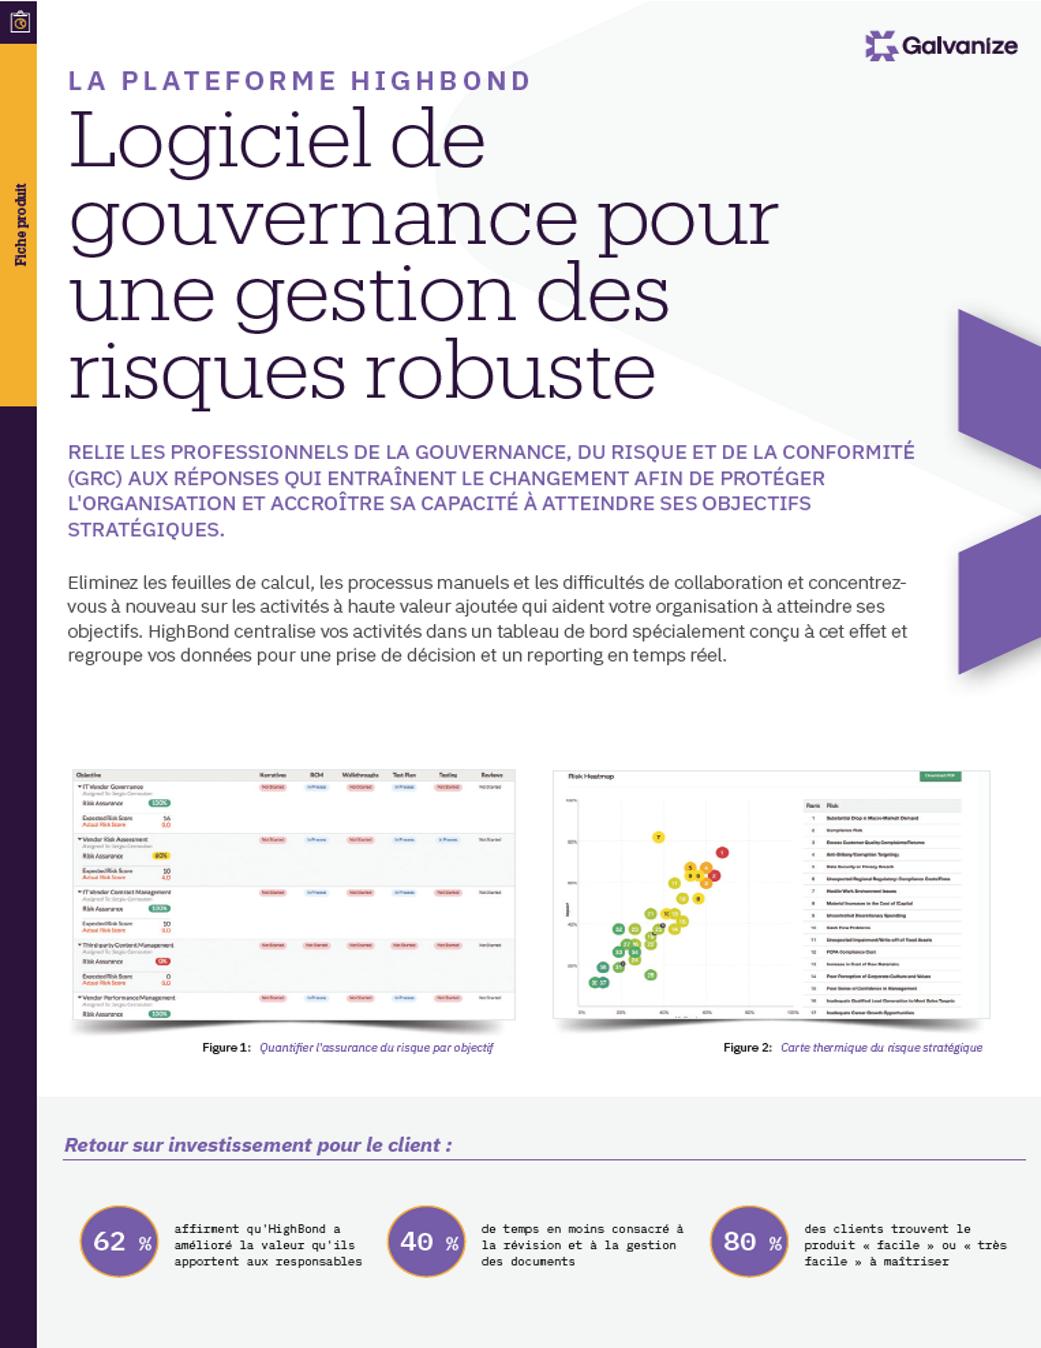 Logiciel de gouvernance pour une gestion des risques robuste